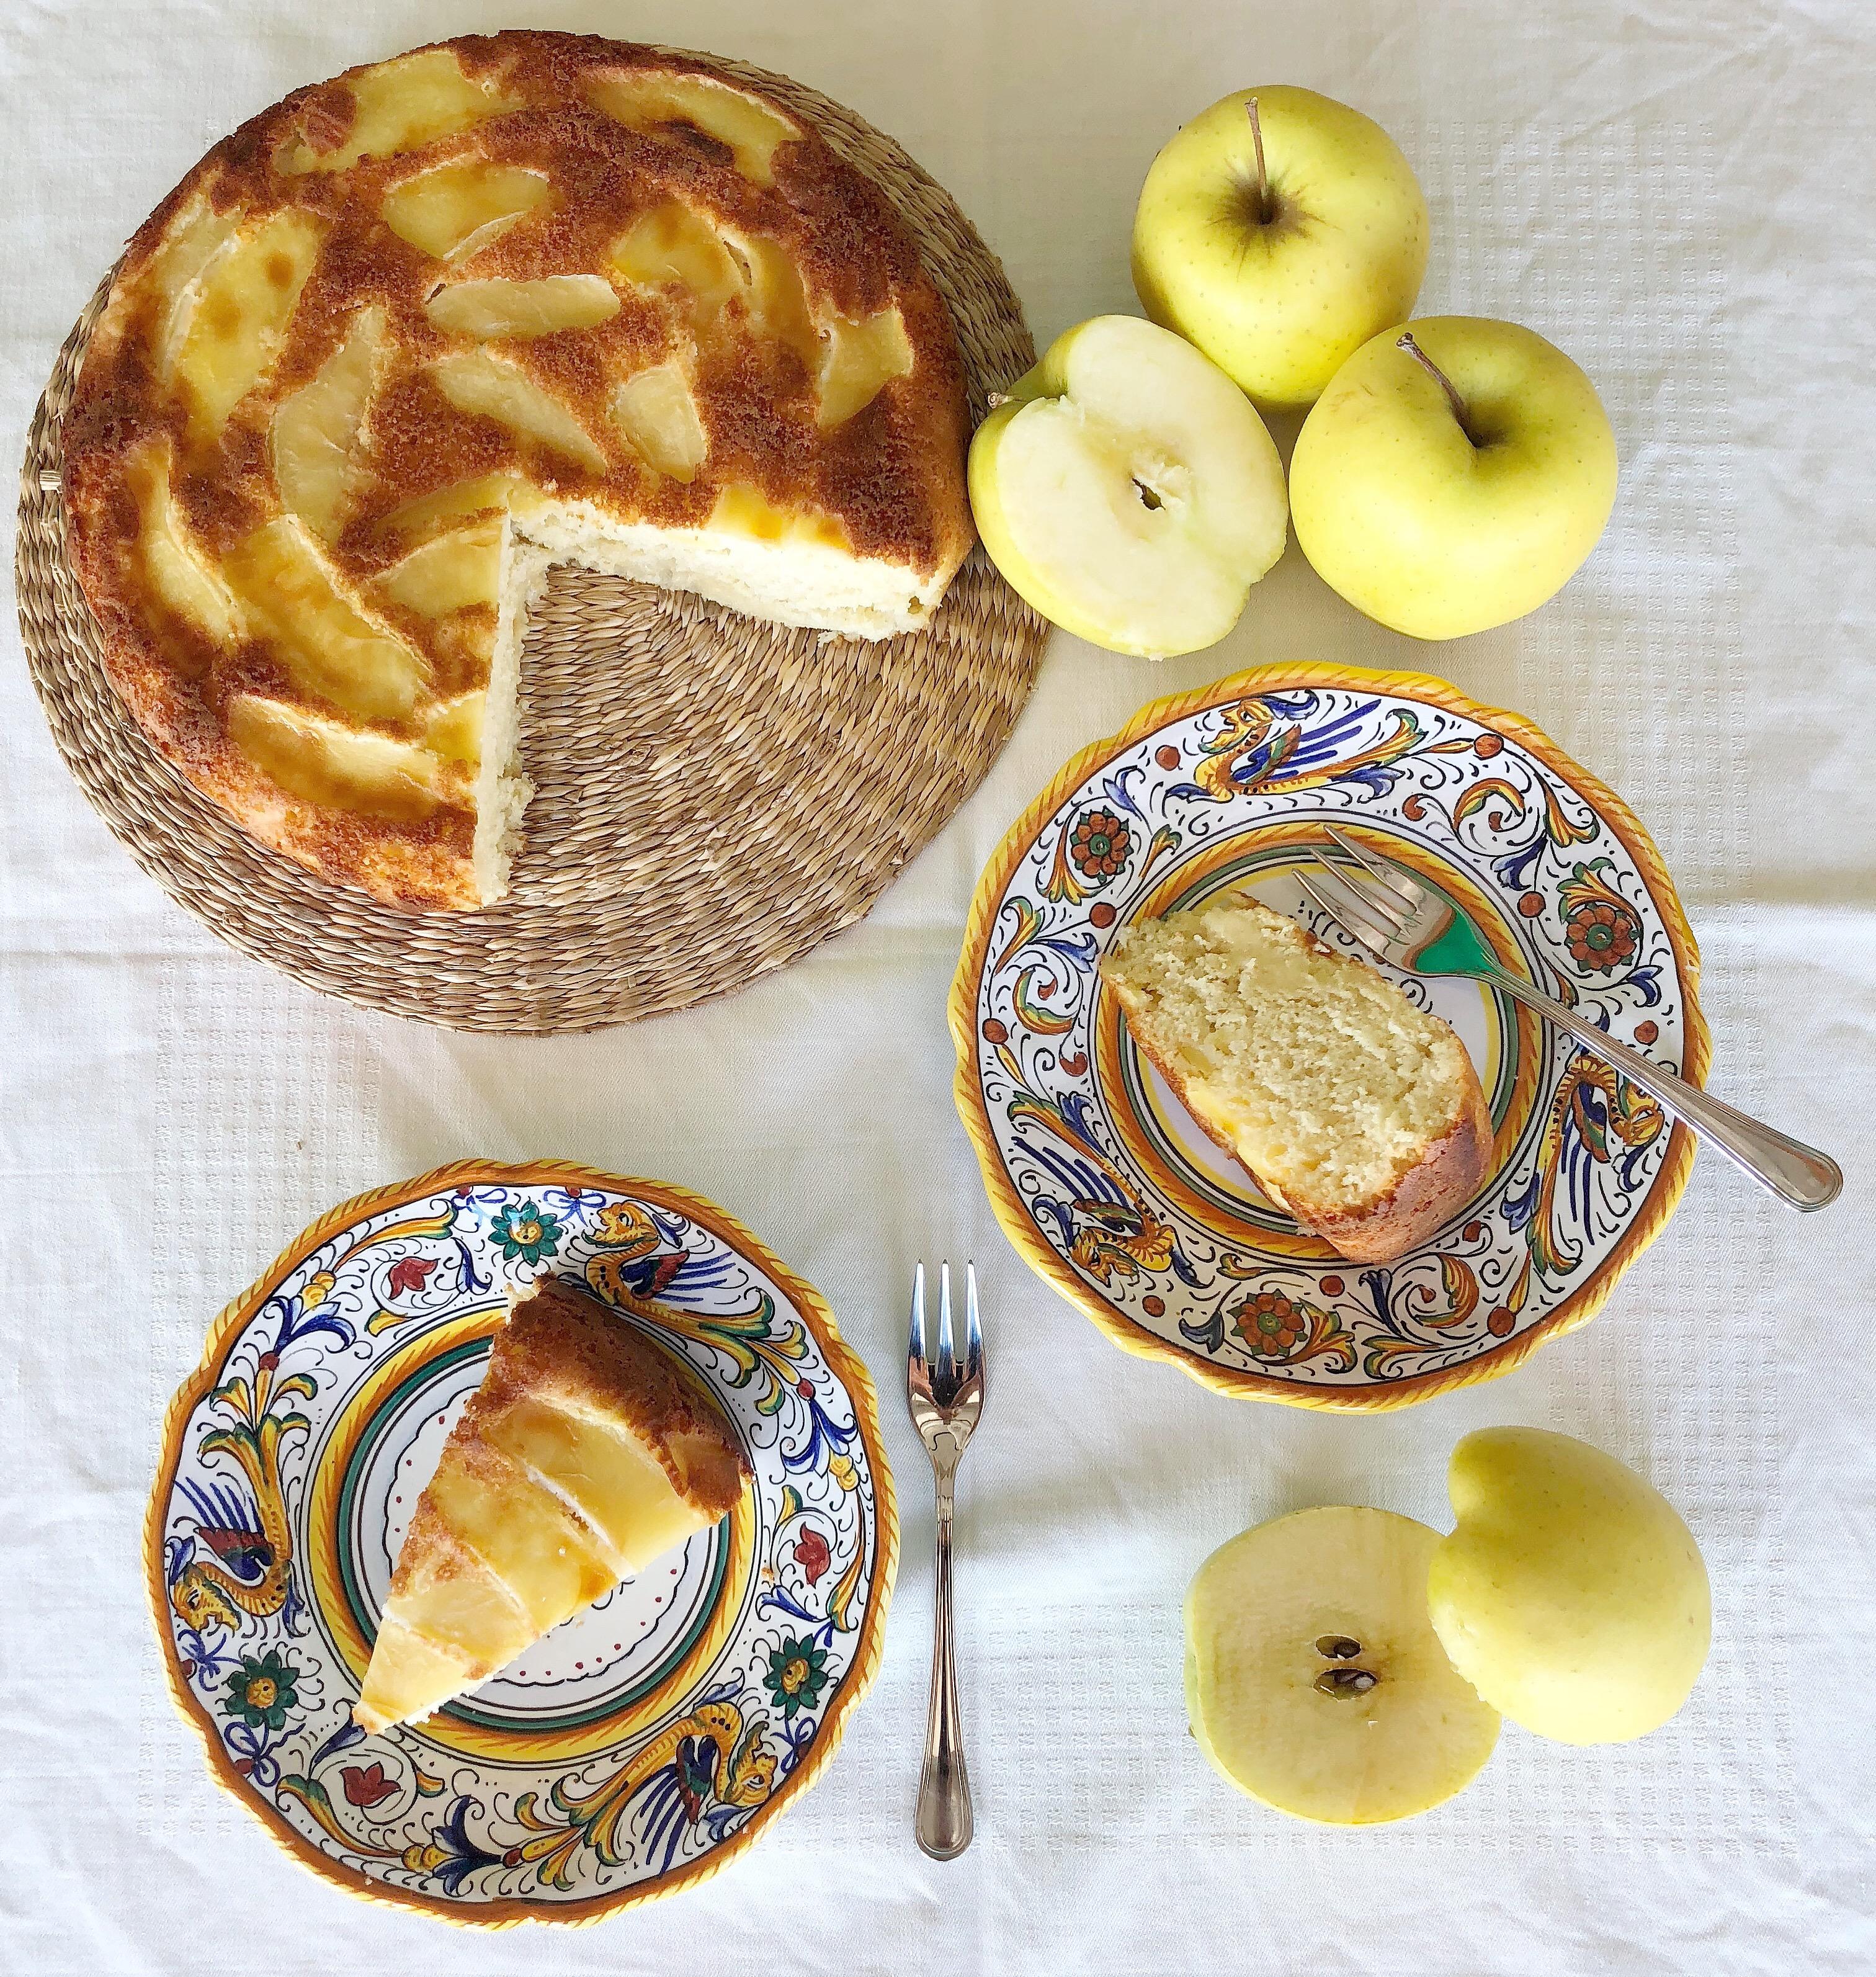 Torta di Mele Senza Burro, il dolce intramontabile in versione senza lattosio di dolci senza burro